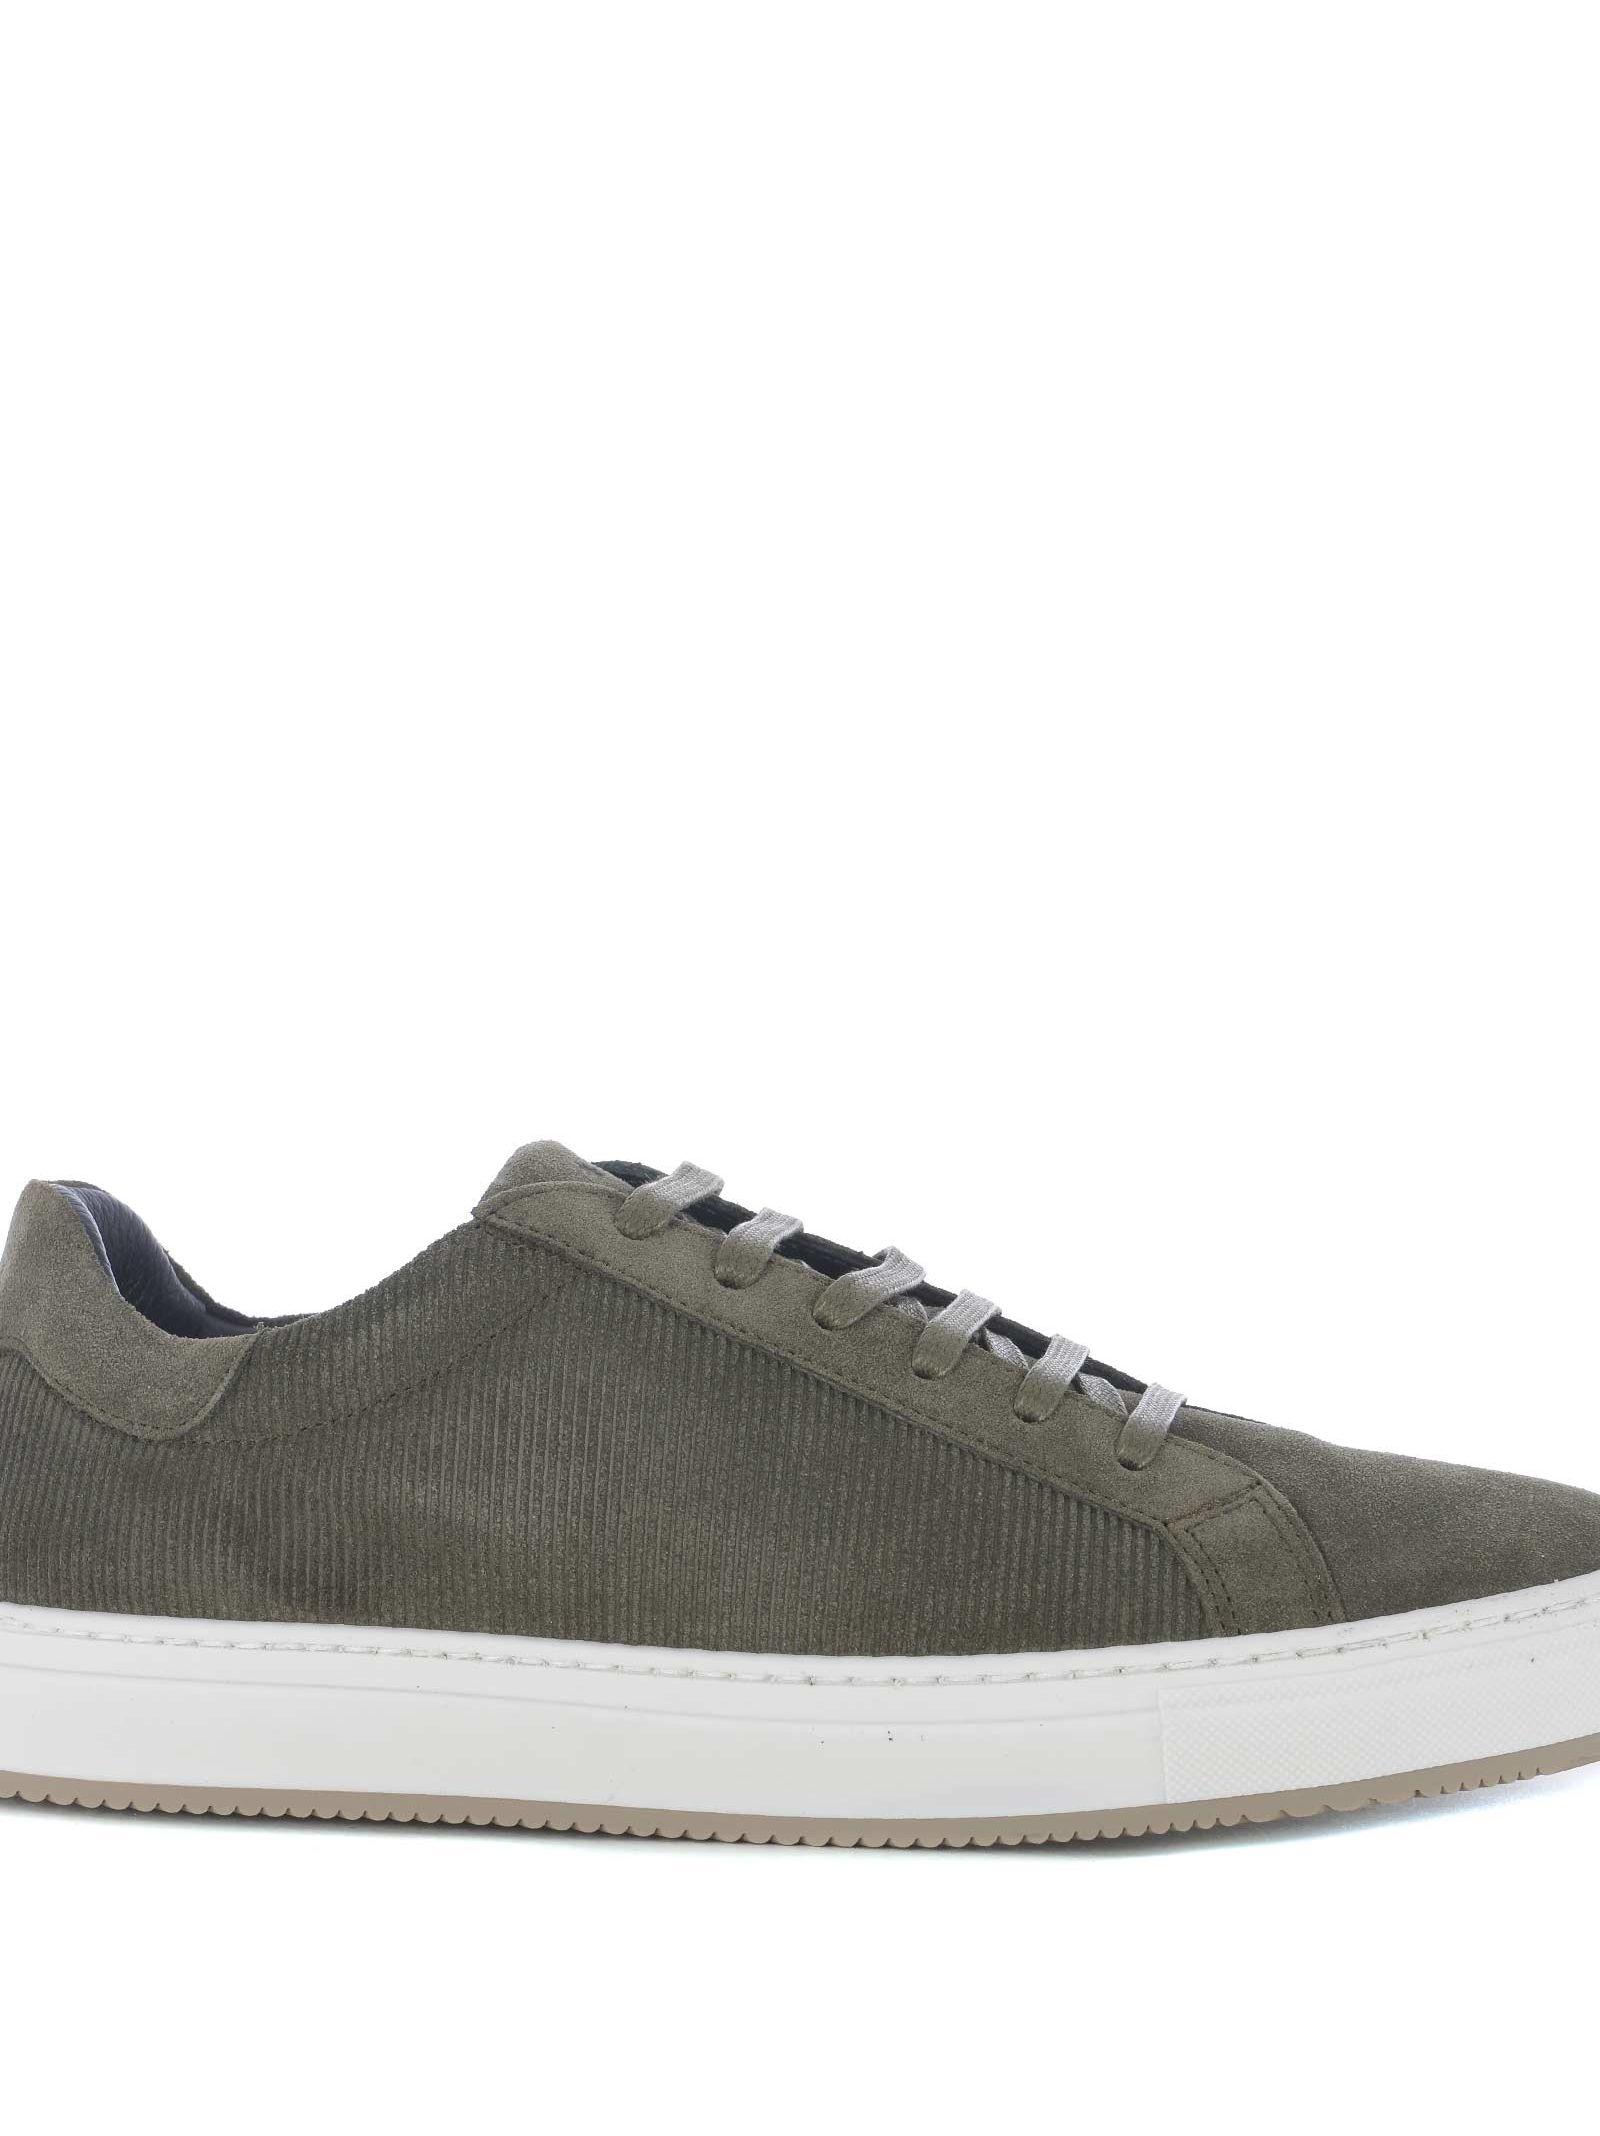 ANDREA ZORI Classic Sneakers in Verde Militare